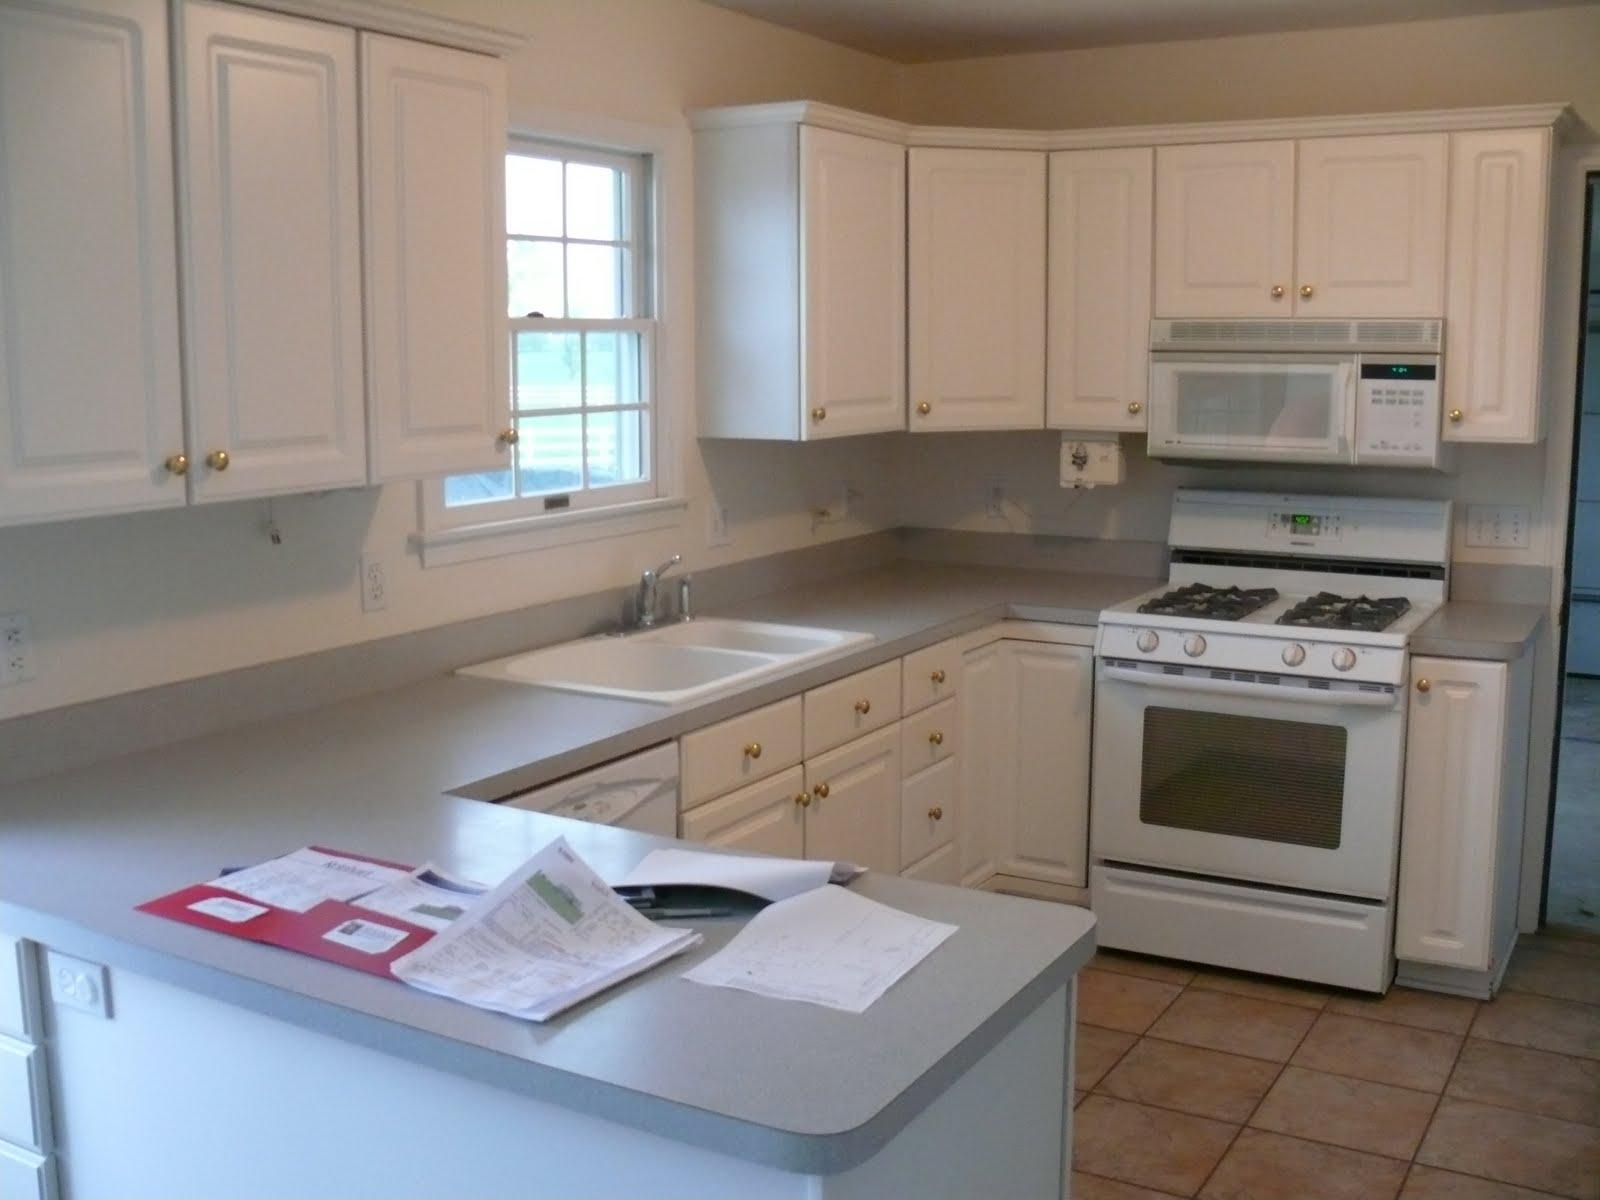 Xy xy xy xy xx xx the kitchen before for 10x11 room layout